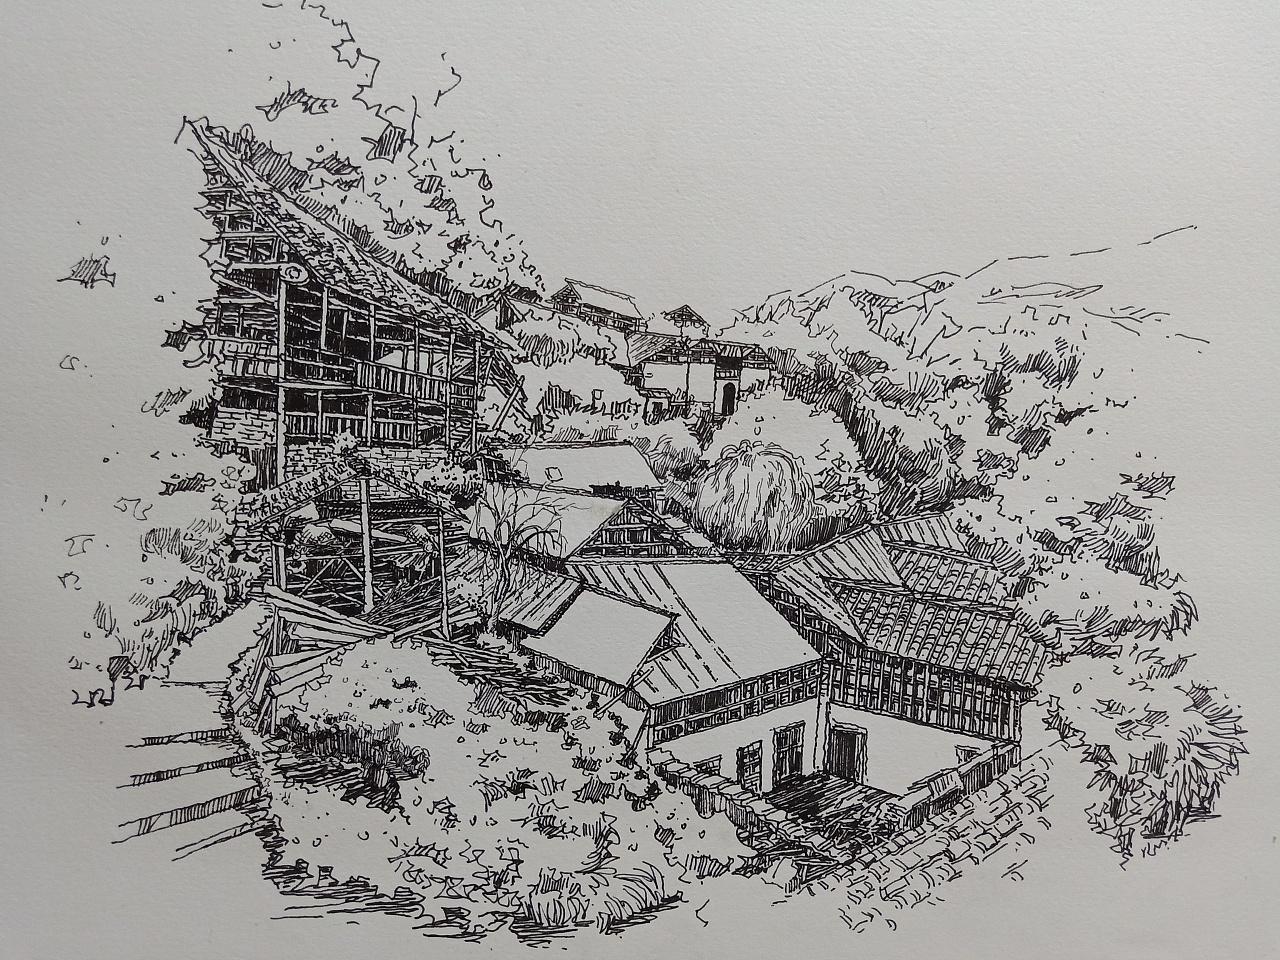 范炯钢笔画手绘村落绘画步骤